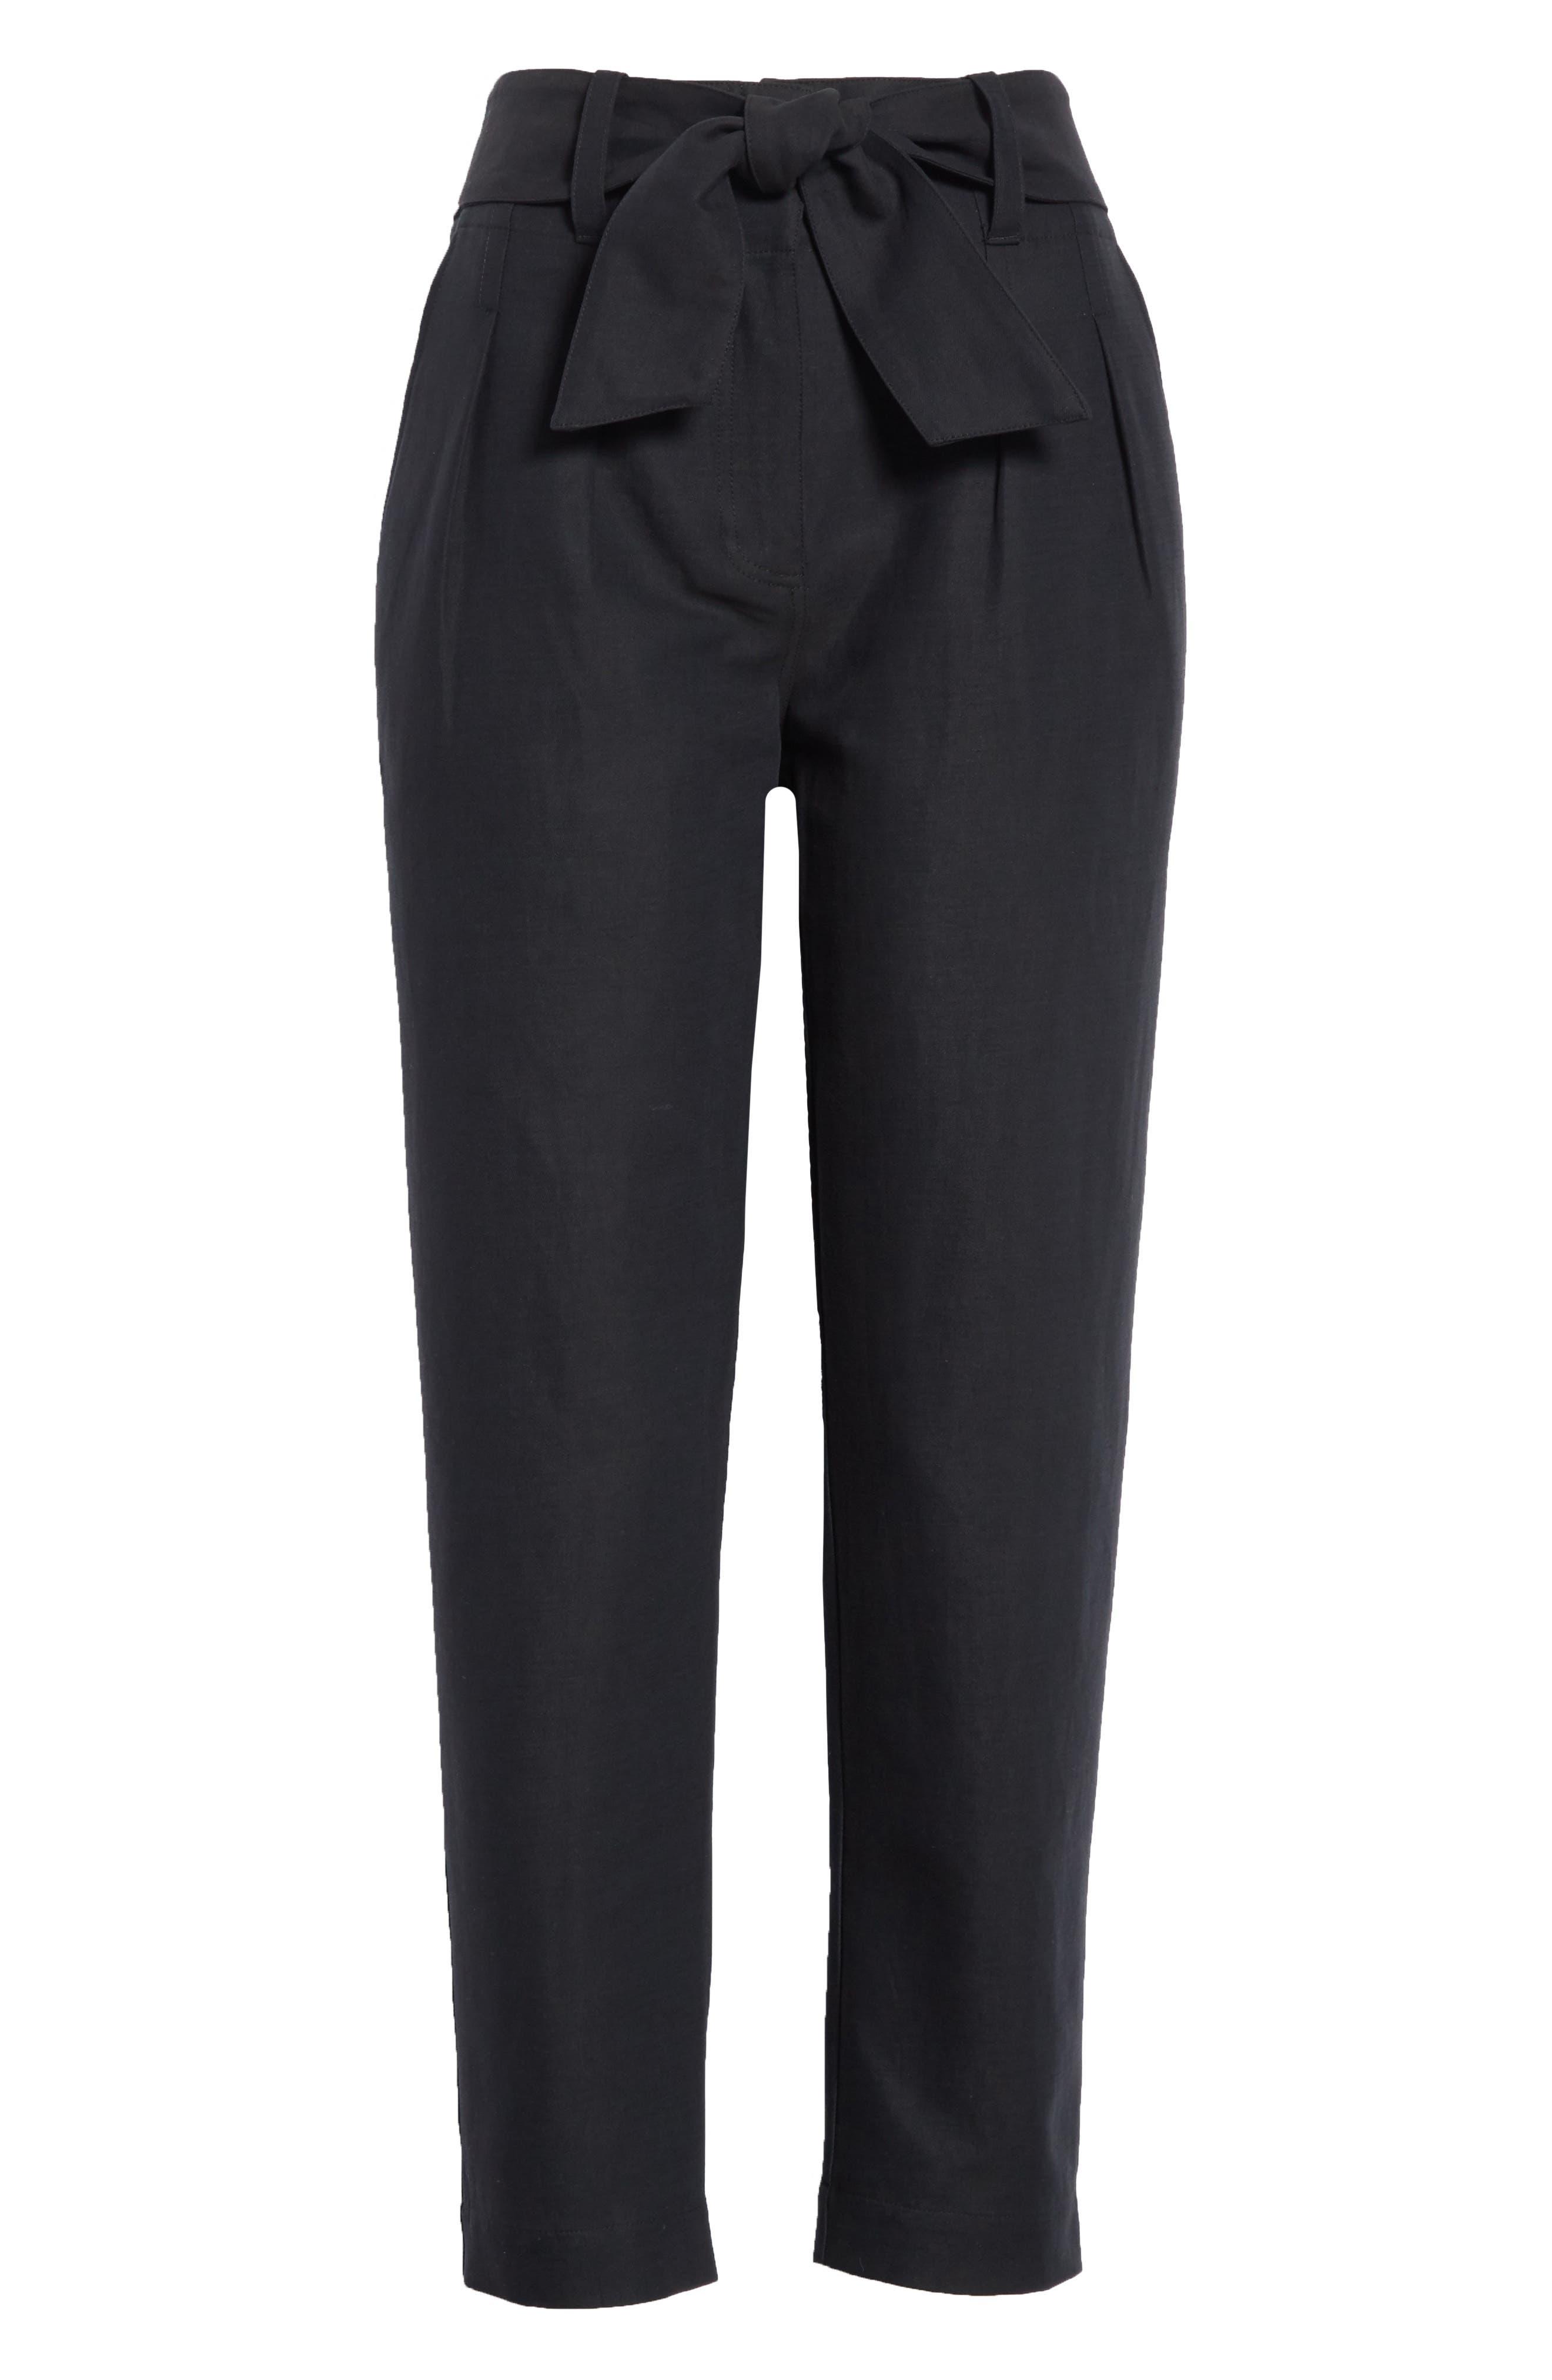 Jun Cotton & Linen Ankle Pants,                             Alternate thumbnail 6, color,                             001